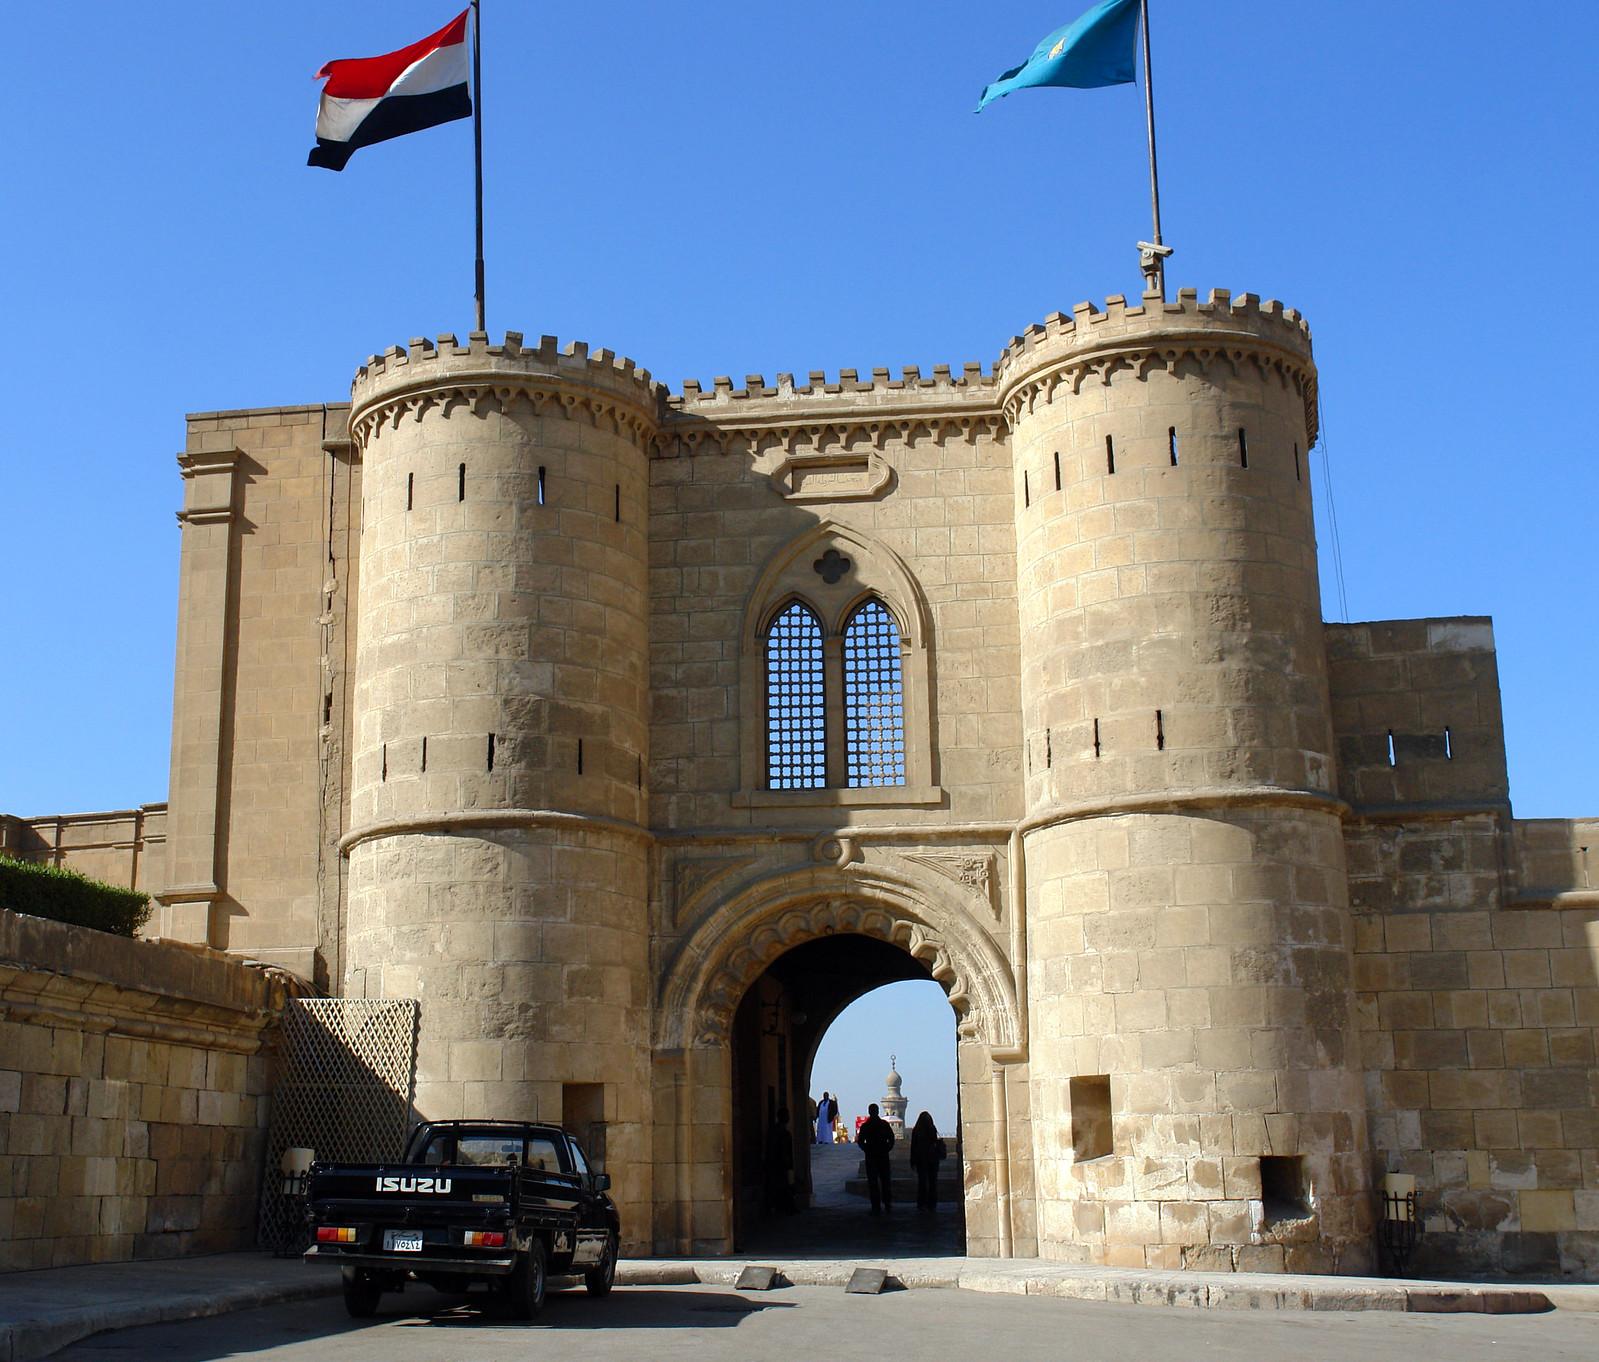 Qué ver en El Cairo, Egipto lugares que visitar en el cairo - 40100553285 3e5d37ce7c h - 10+1 lugares que visitar en El Cairo